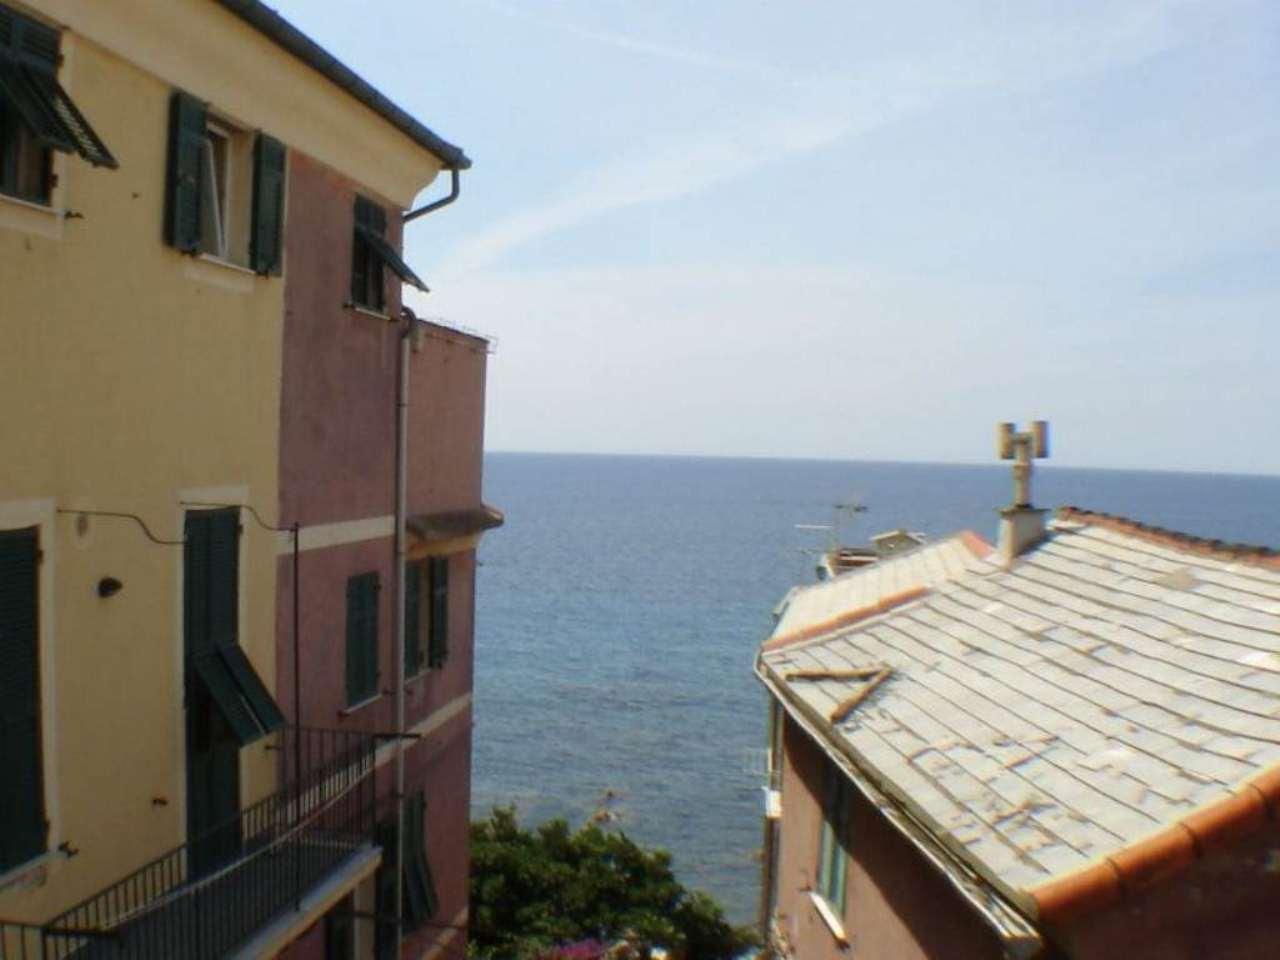 Soluzione Indipendente in vendita a Genova, 9 locali, prezzo € 1.800.000 | Cambio Casa.it